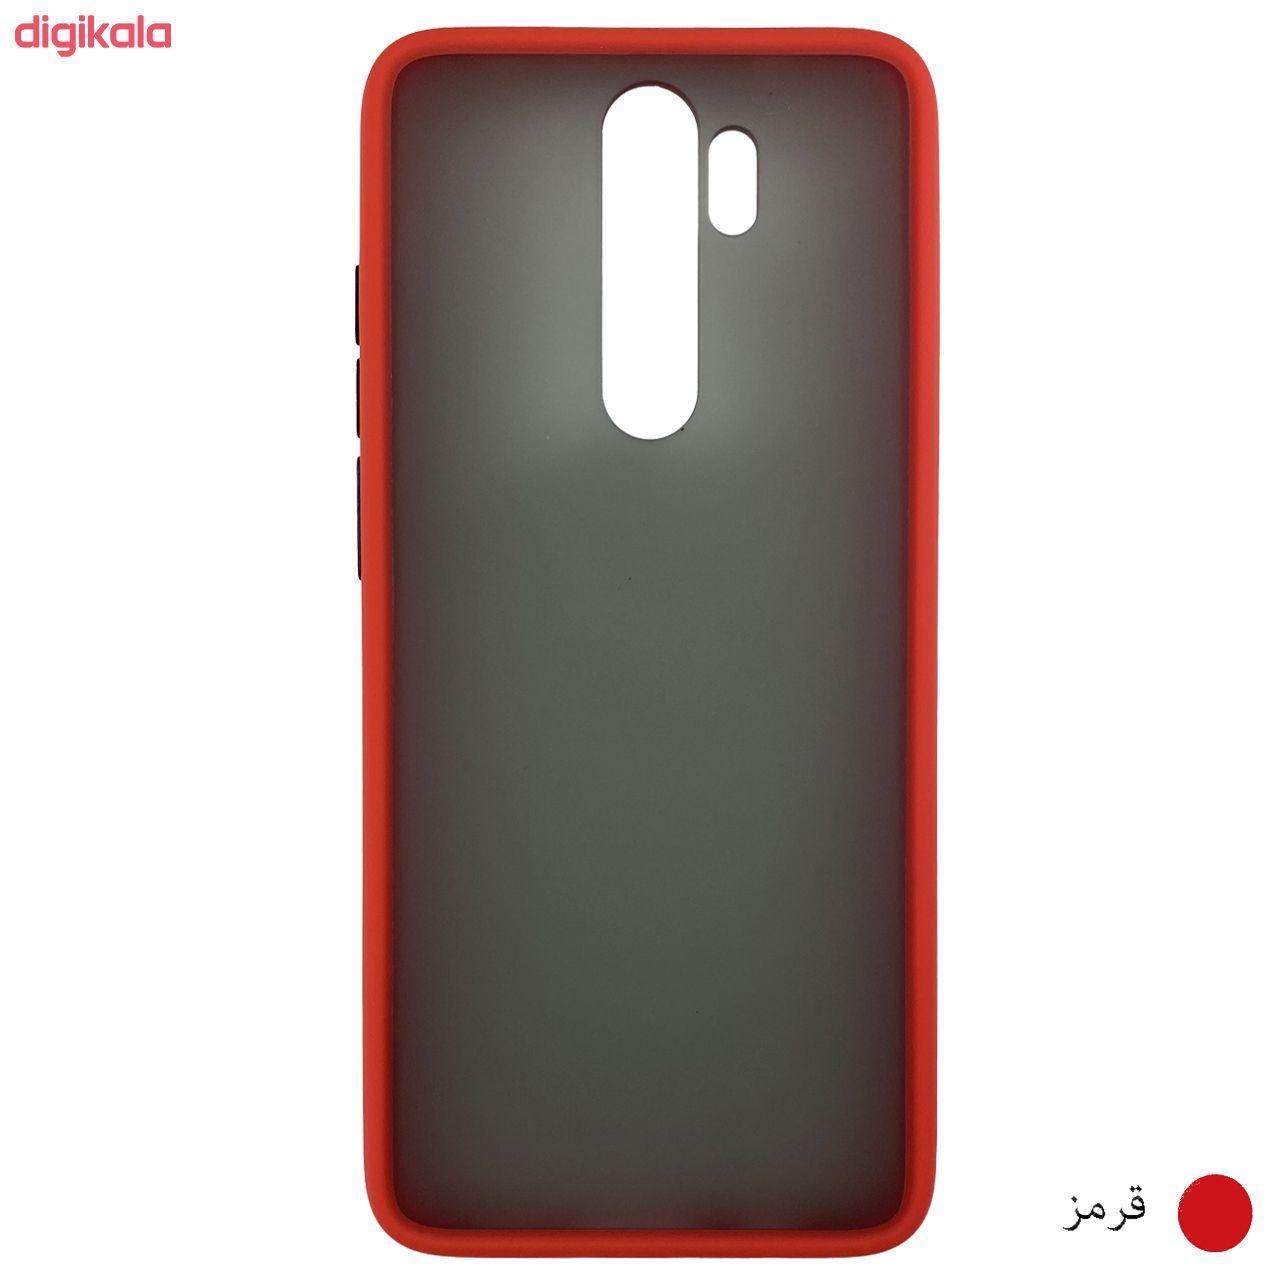 کاور مدل MTT مناسب برای گوشی موبایل شیائومی Redmi Note 8 Pro main 1 12